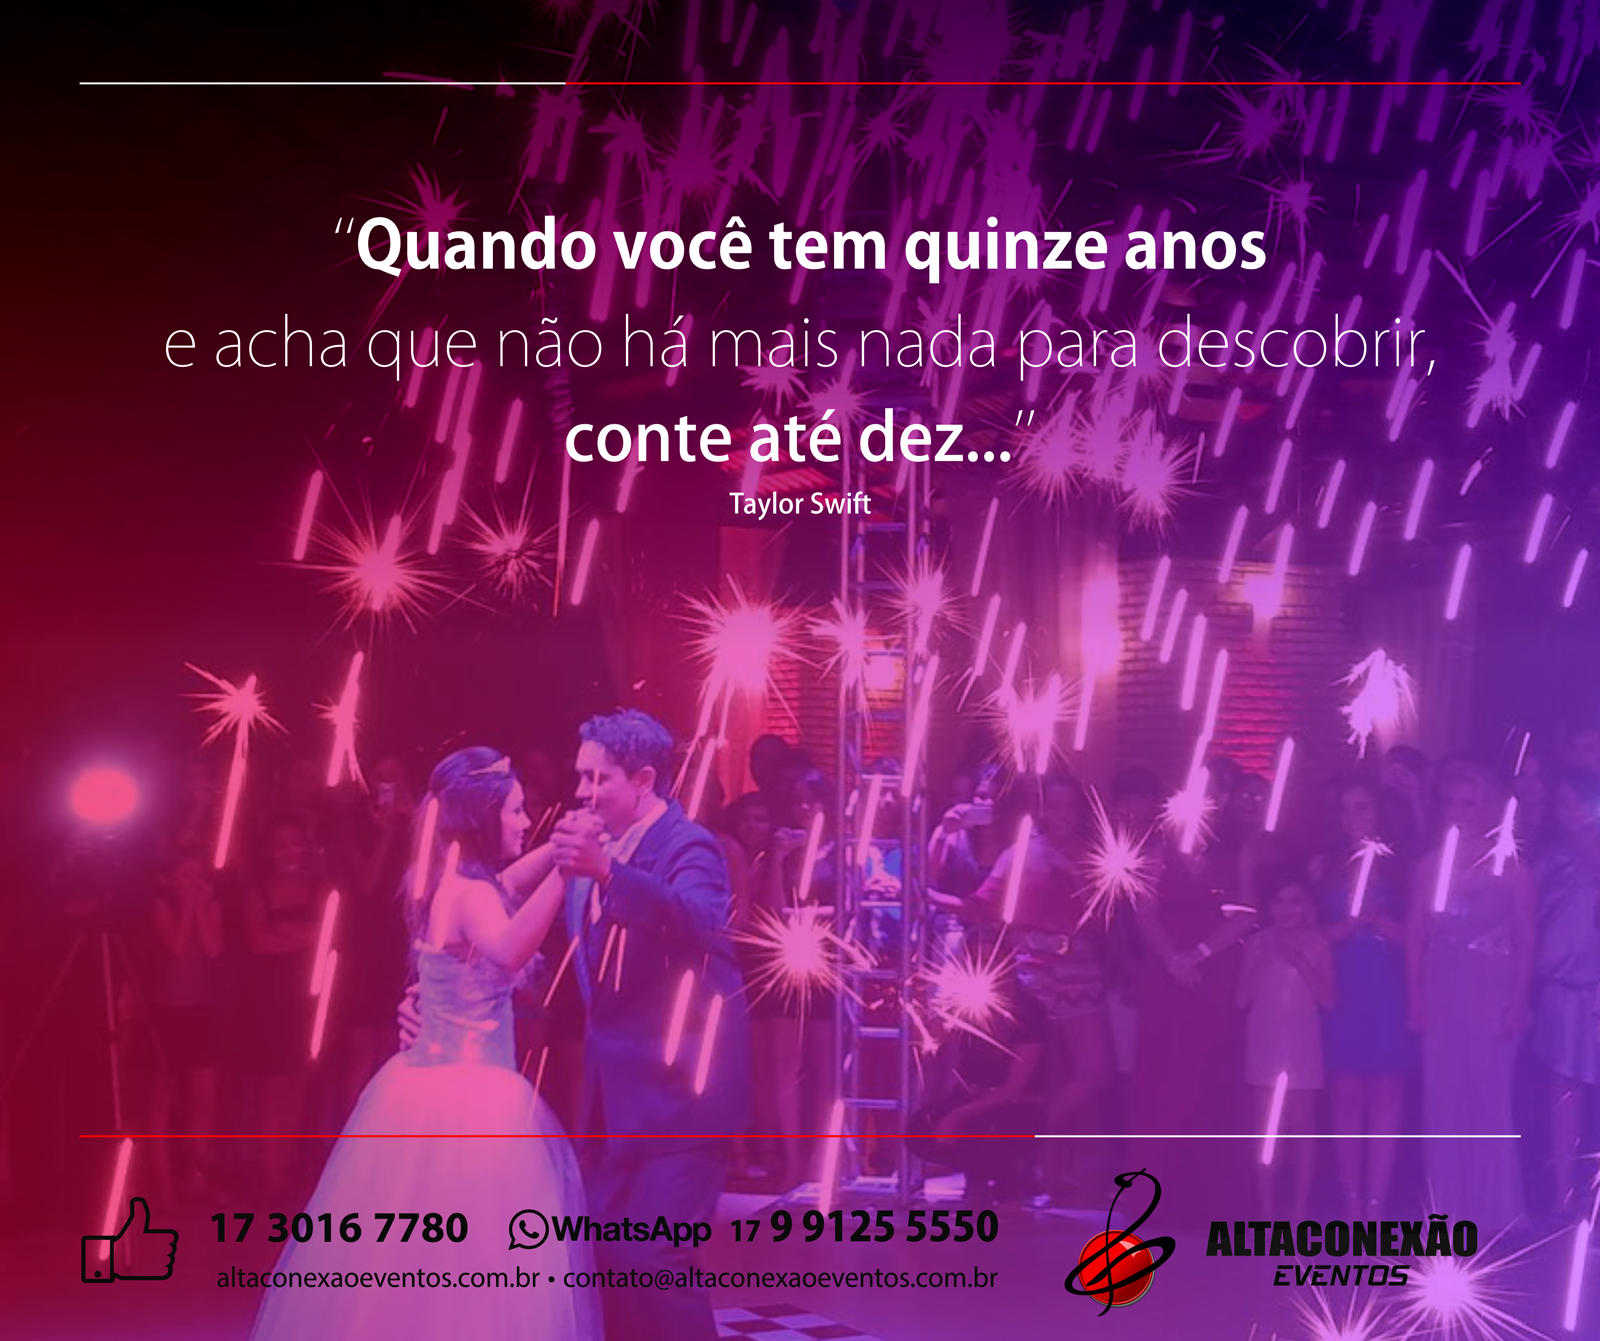 15 anos, Alta Conexão Eventos!. Veja no Guia Novas Noivas: http://bit.ly/1fLK4h7